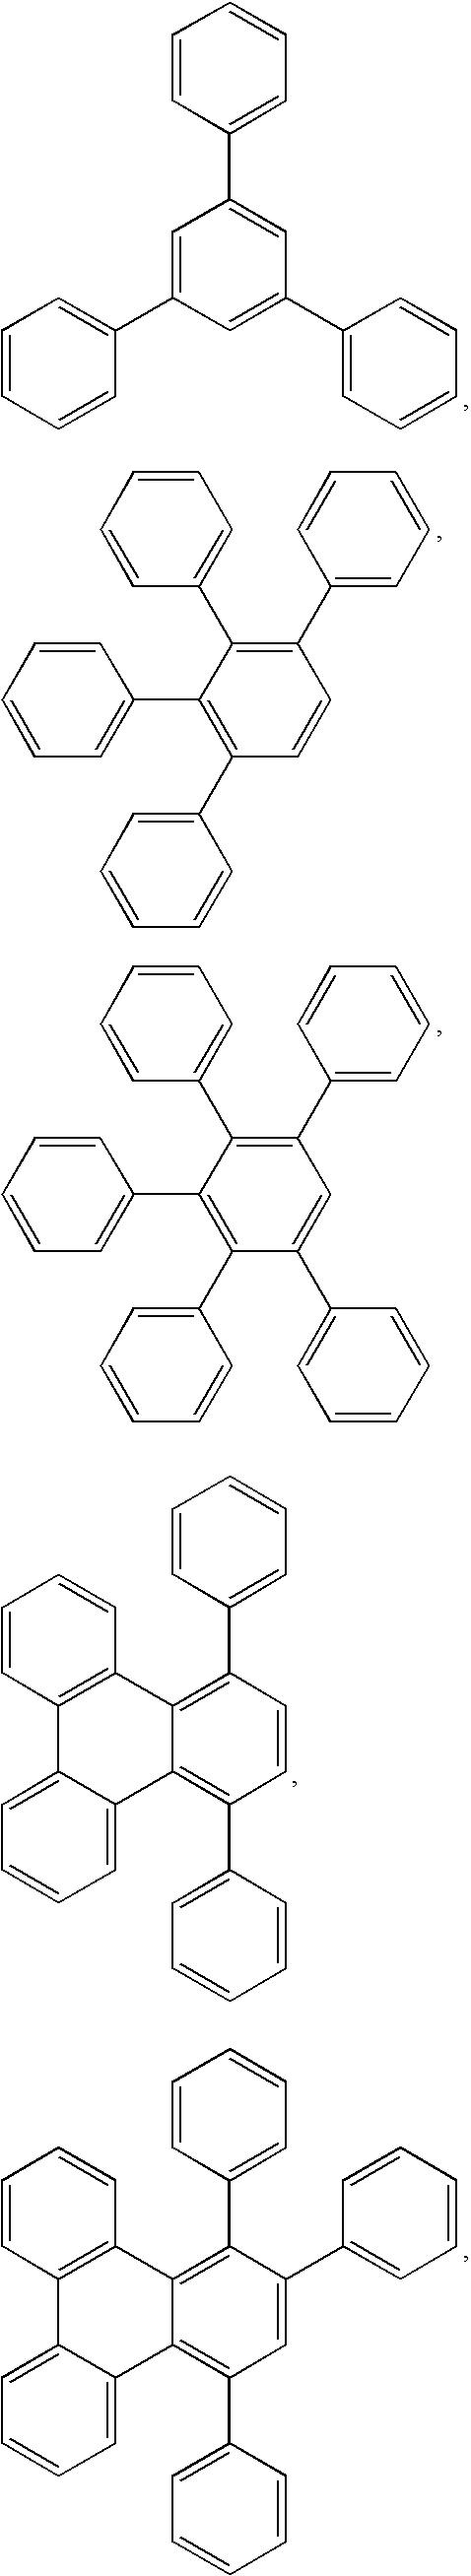 Figure US07192657-20070320-C00087